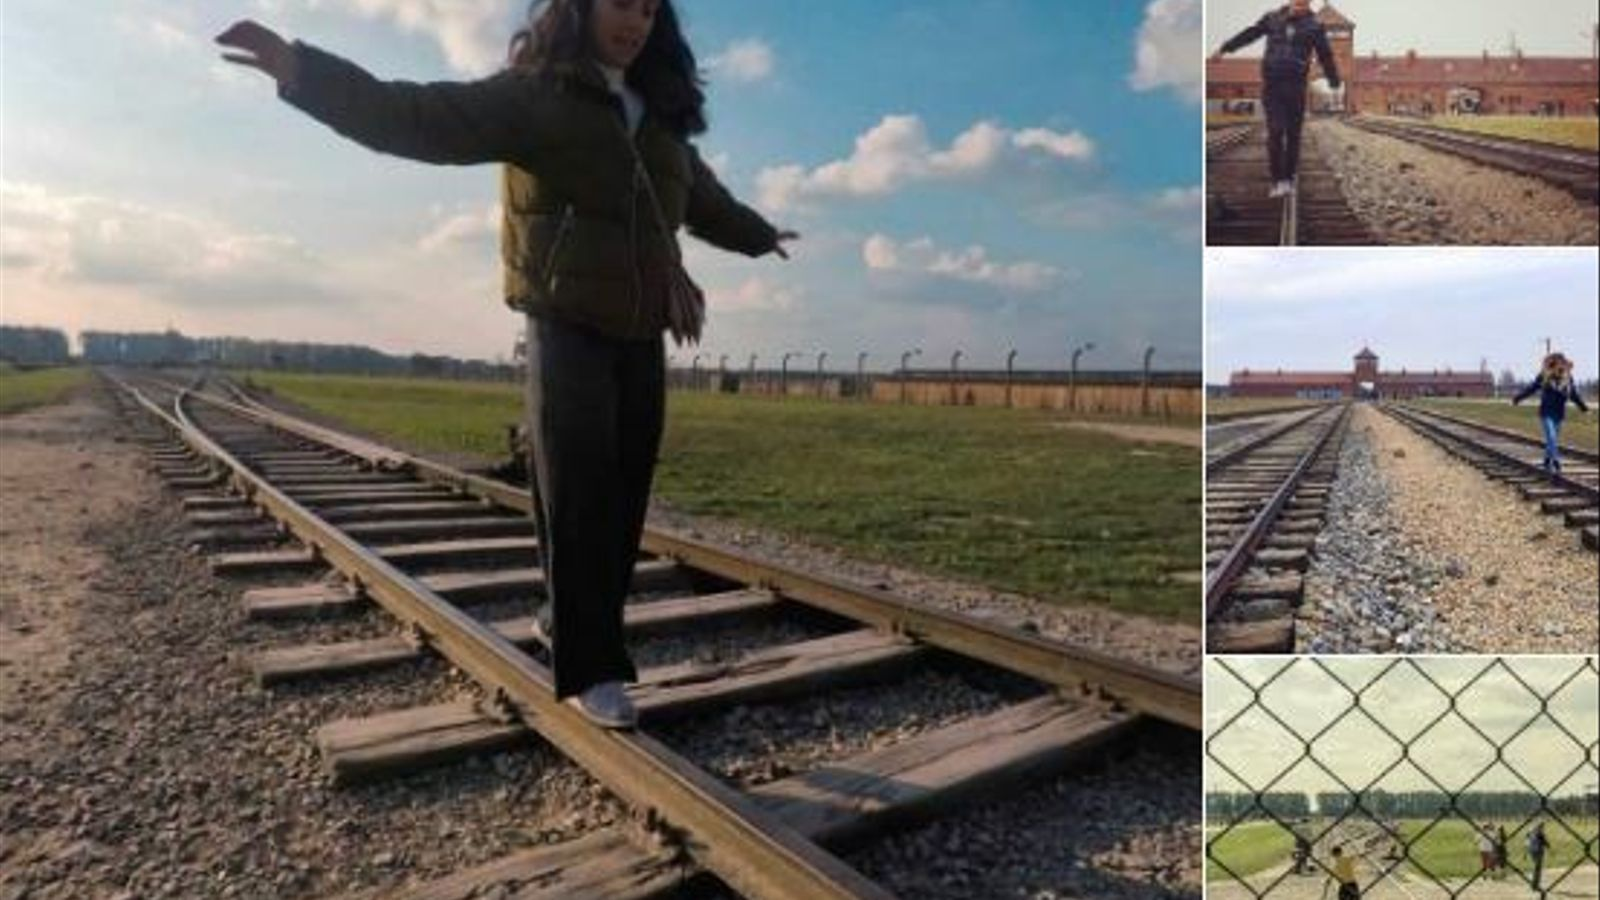 """El Museu d'Auschwitz demana als turistes que no es facin fotos  """"frívoles"""" a les vies del tren per respecte a les víctimes de l'Holocaust"""